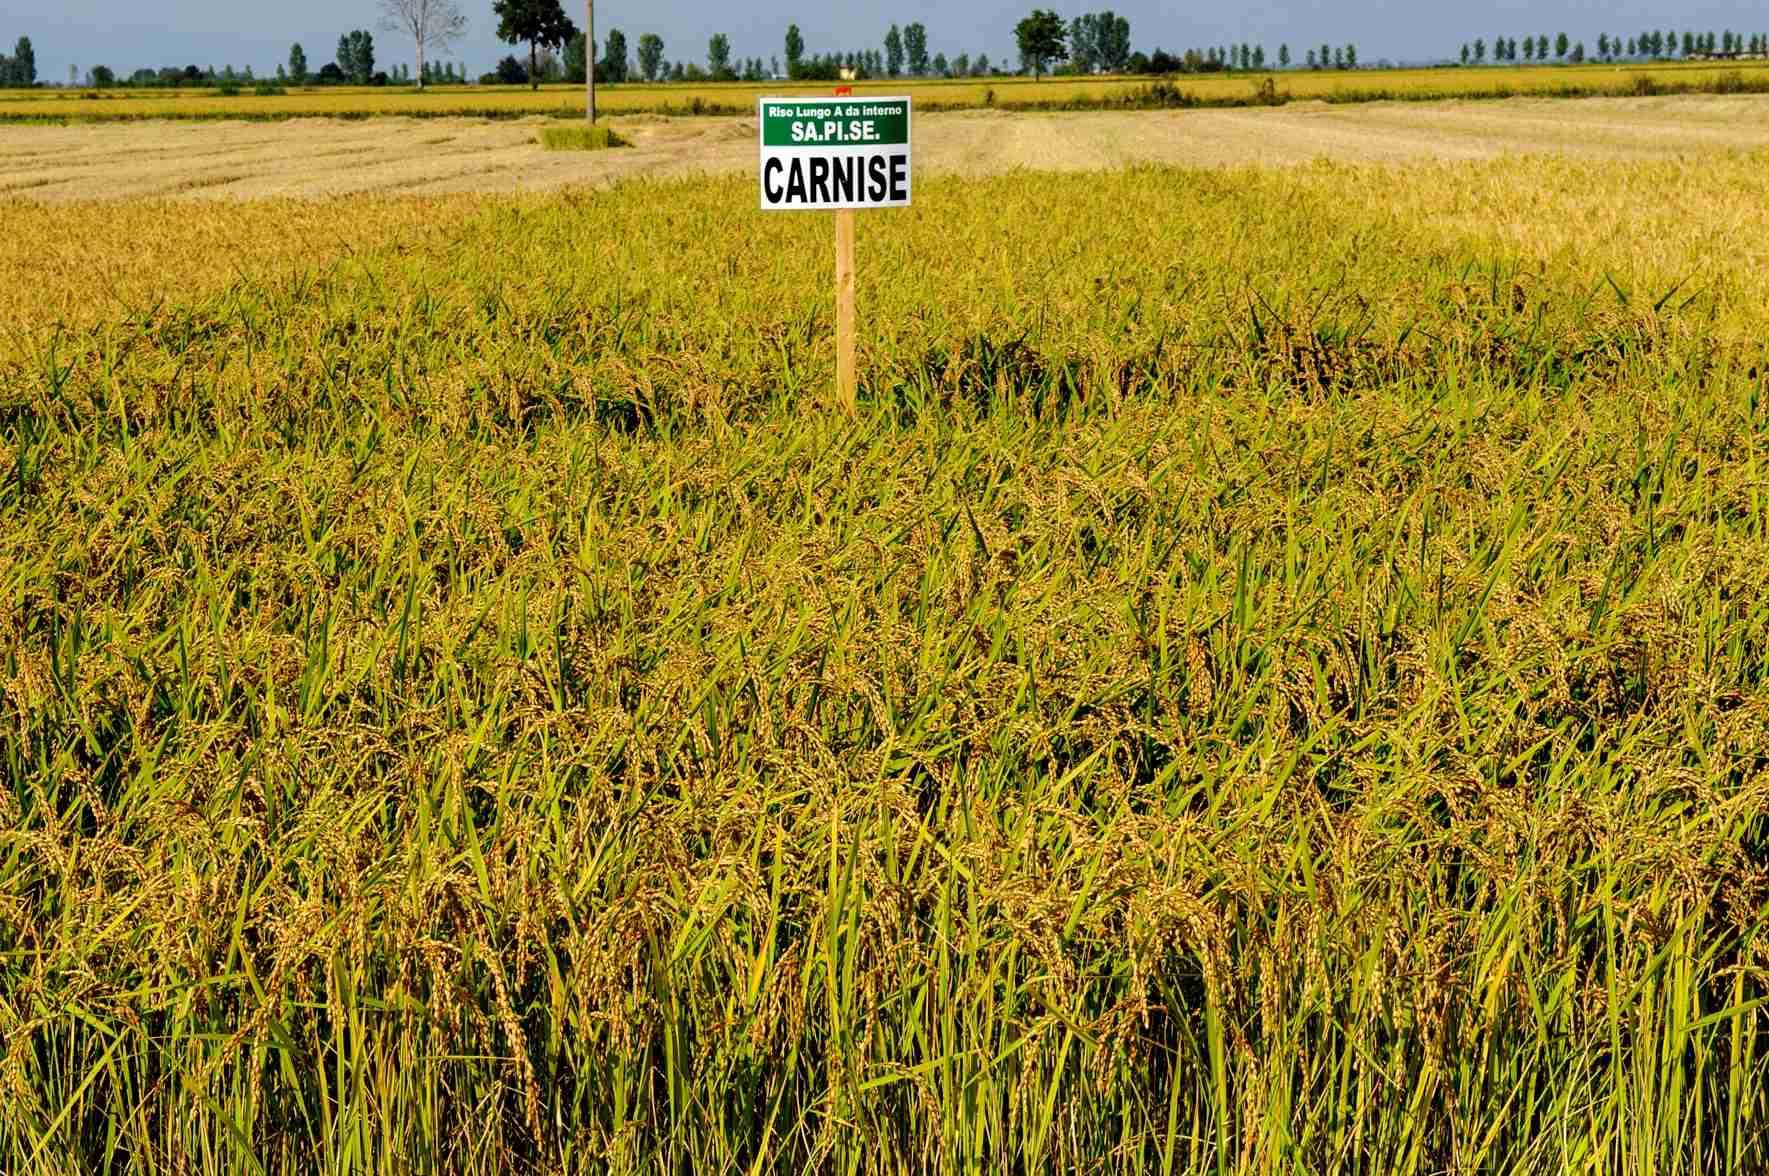 sementi riso carnise dove viene coltivato